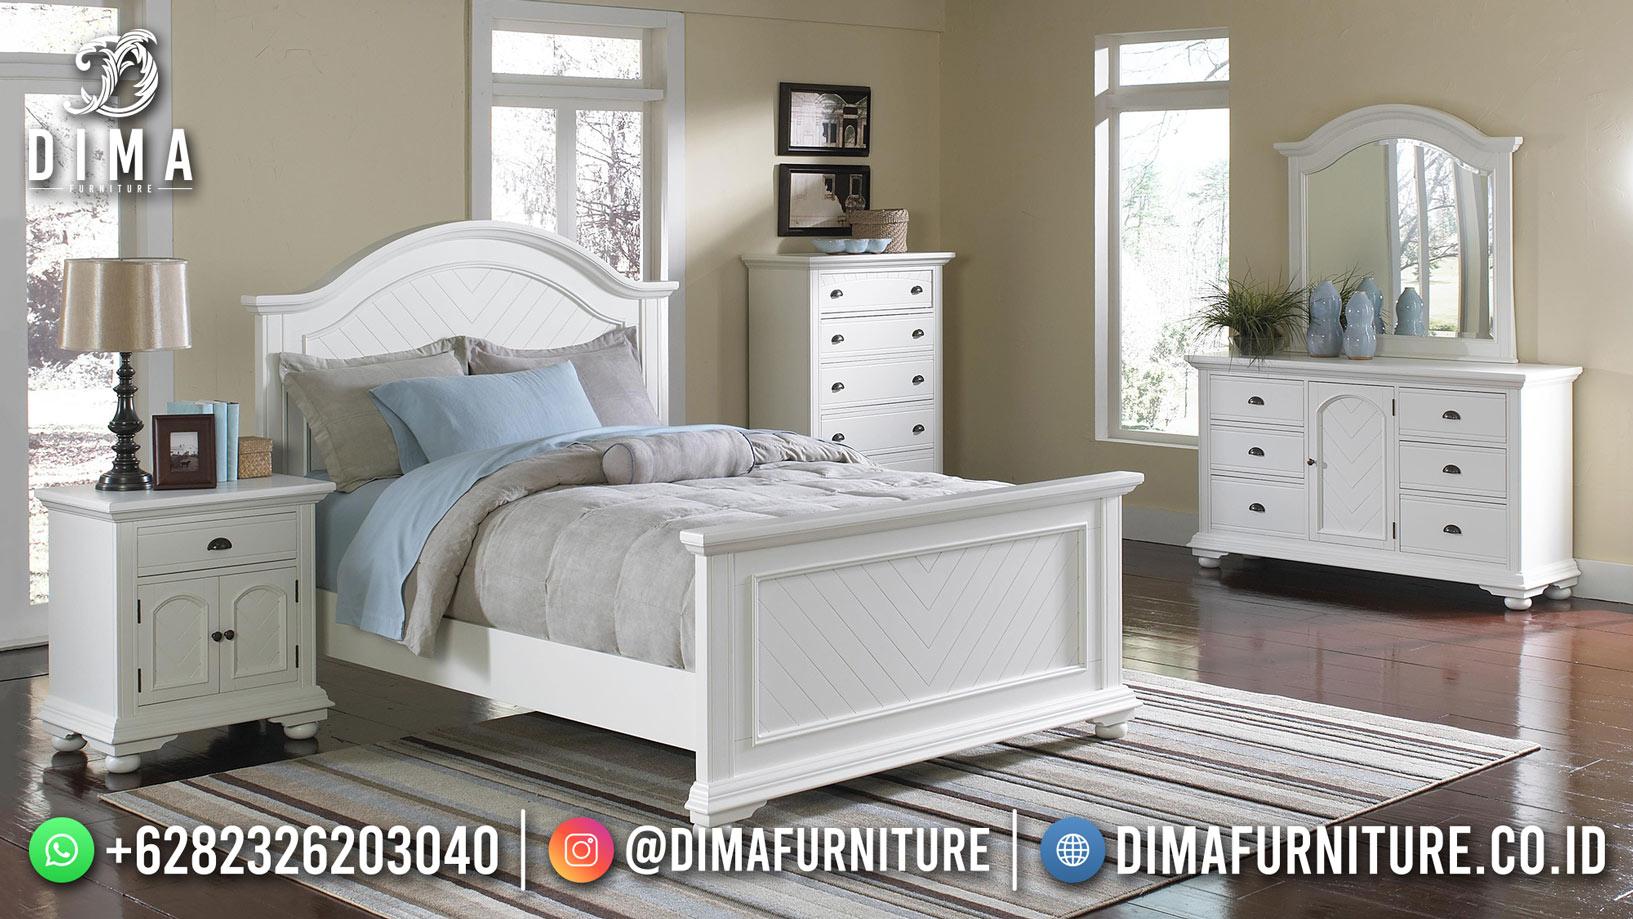 Ranjang Tempat Tidur Minimalis Kamar Set Terbaru Best Quality DF-1963